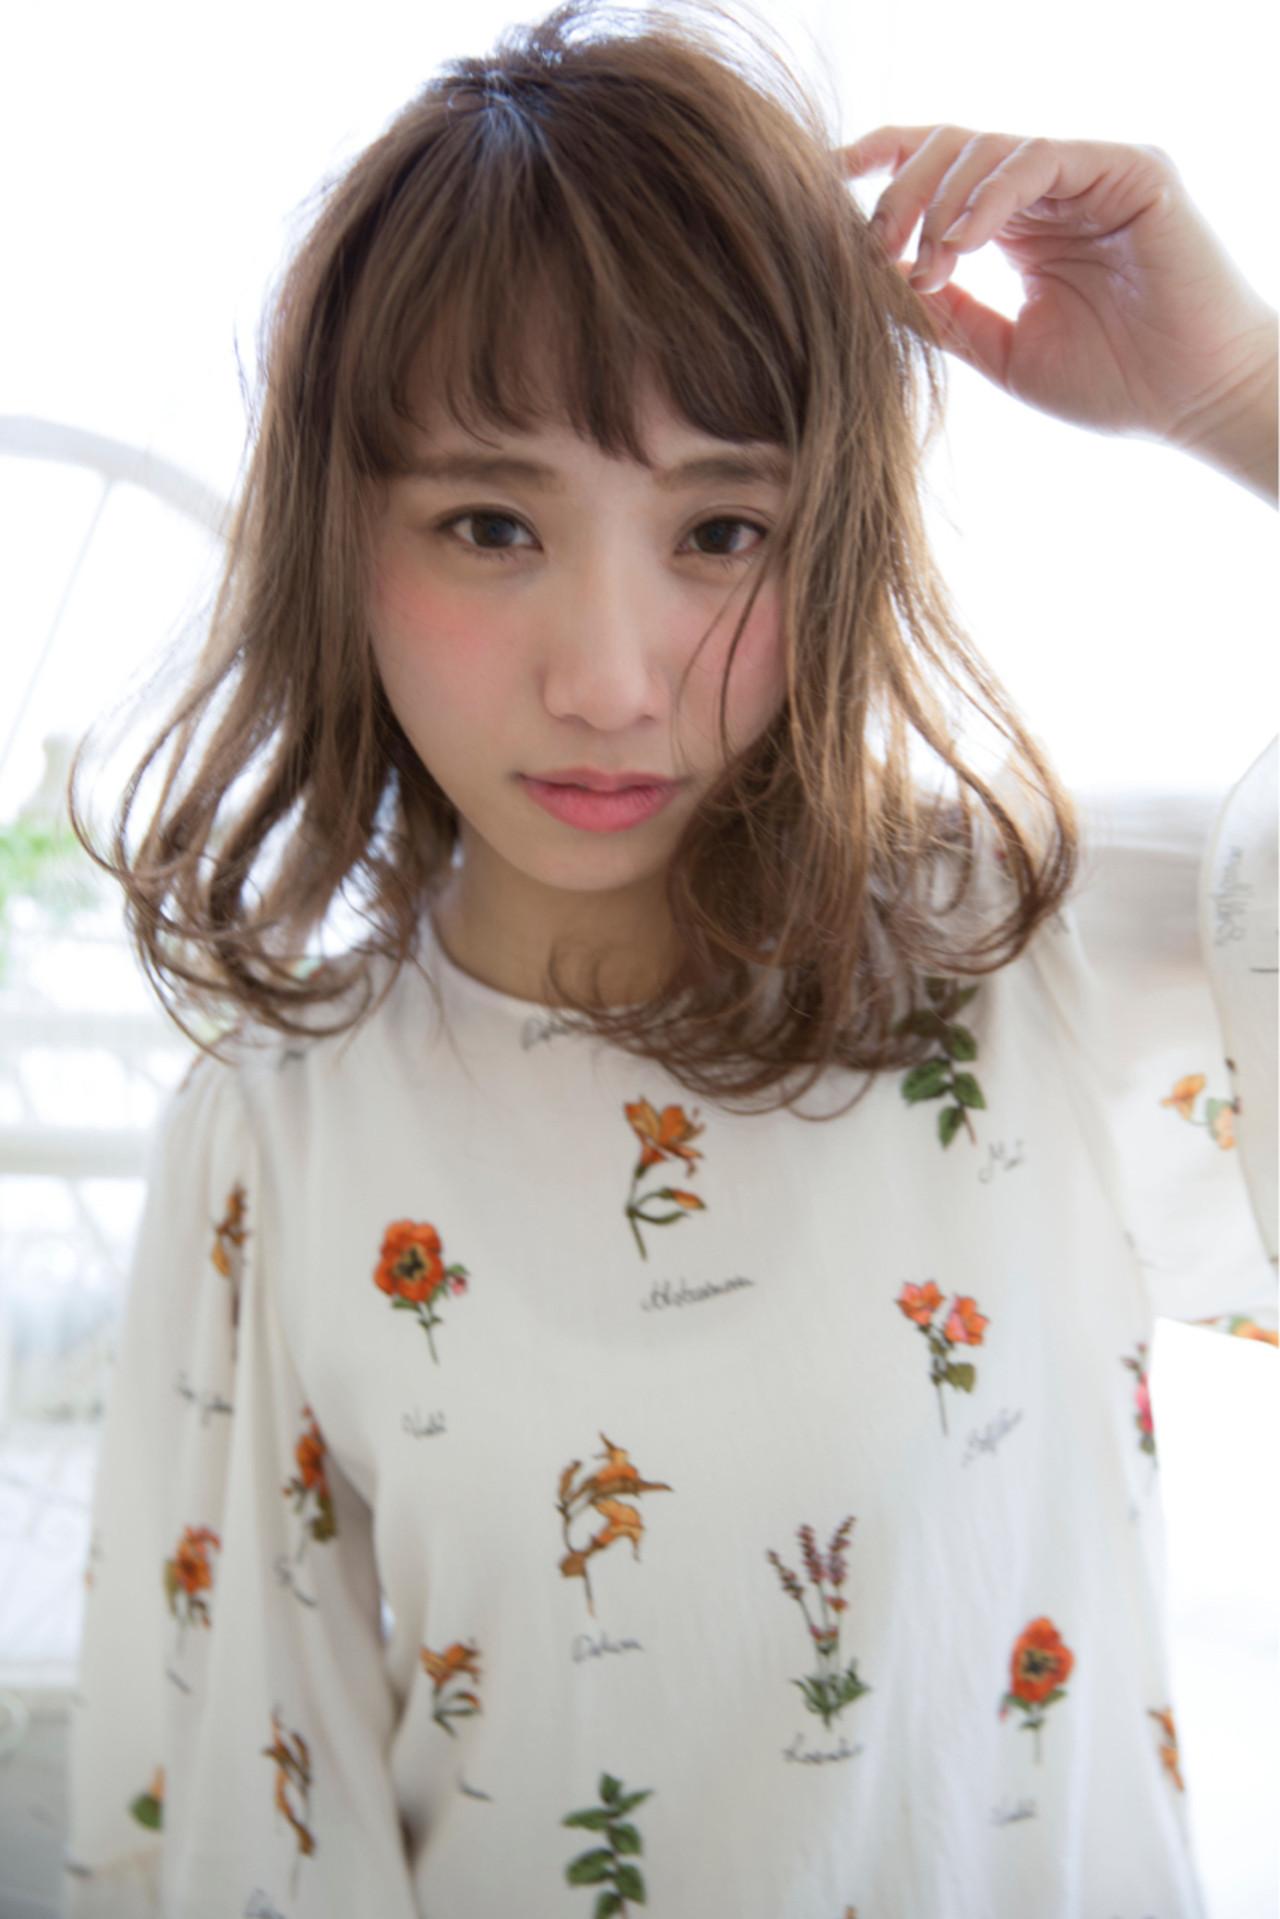 束感と揺れ感で女子力高めの癒し系スタイル mizuho